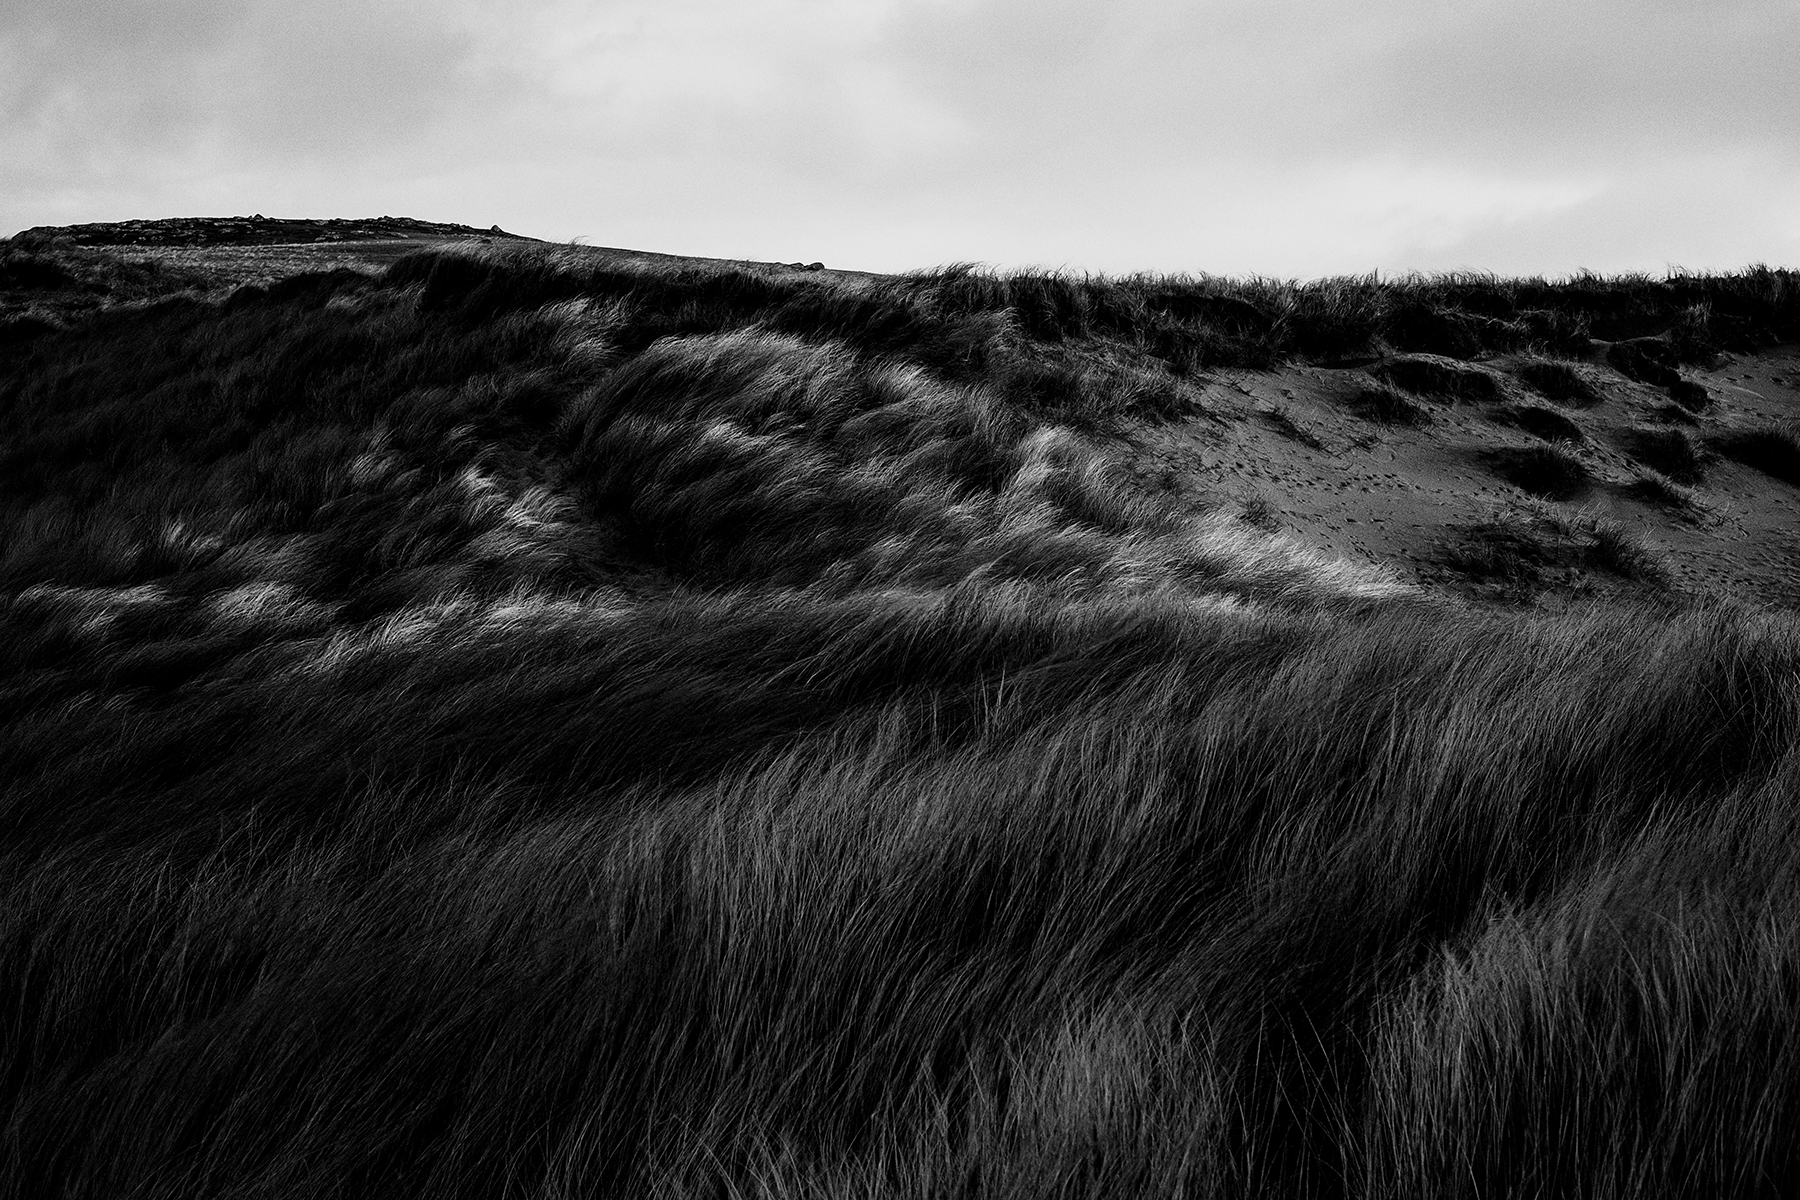 Windy_Grass.jpg